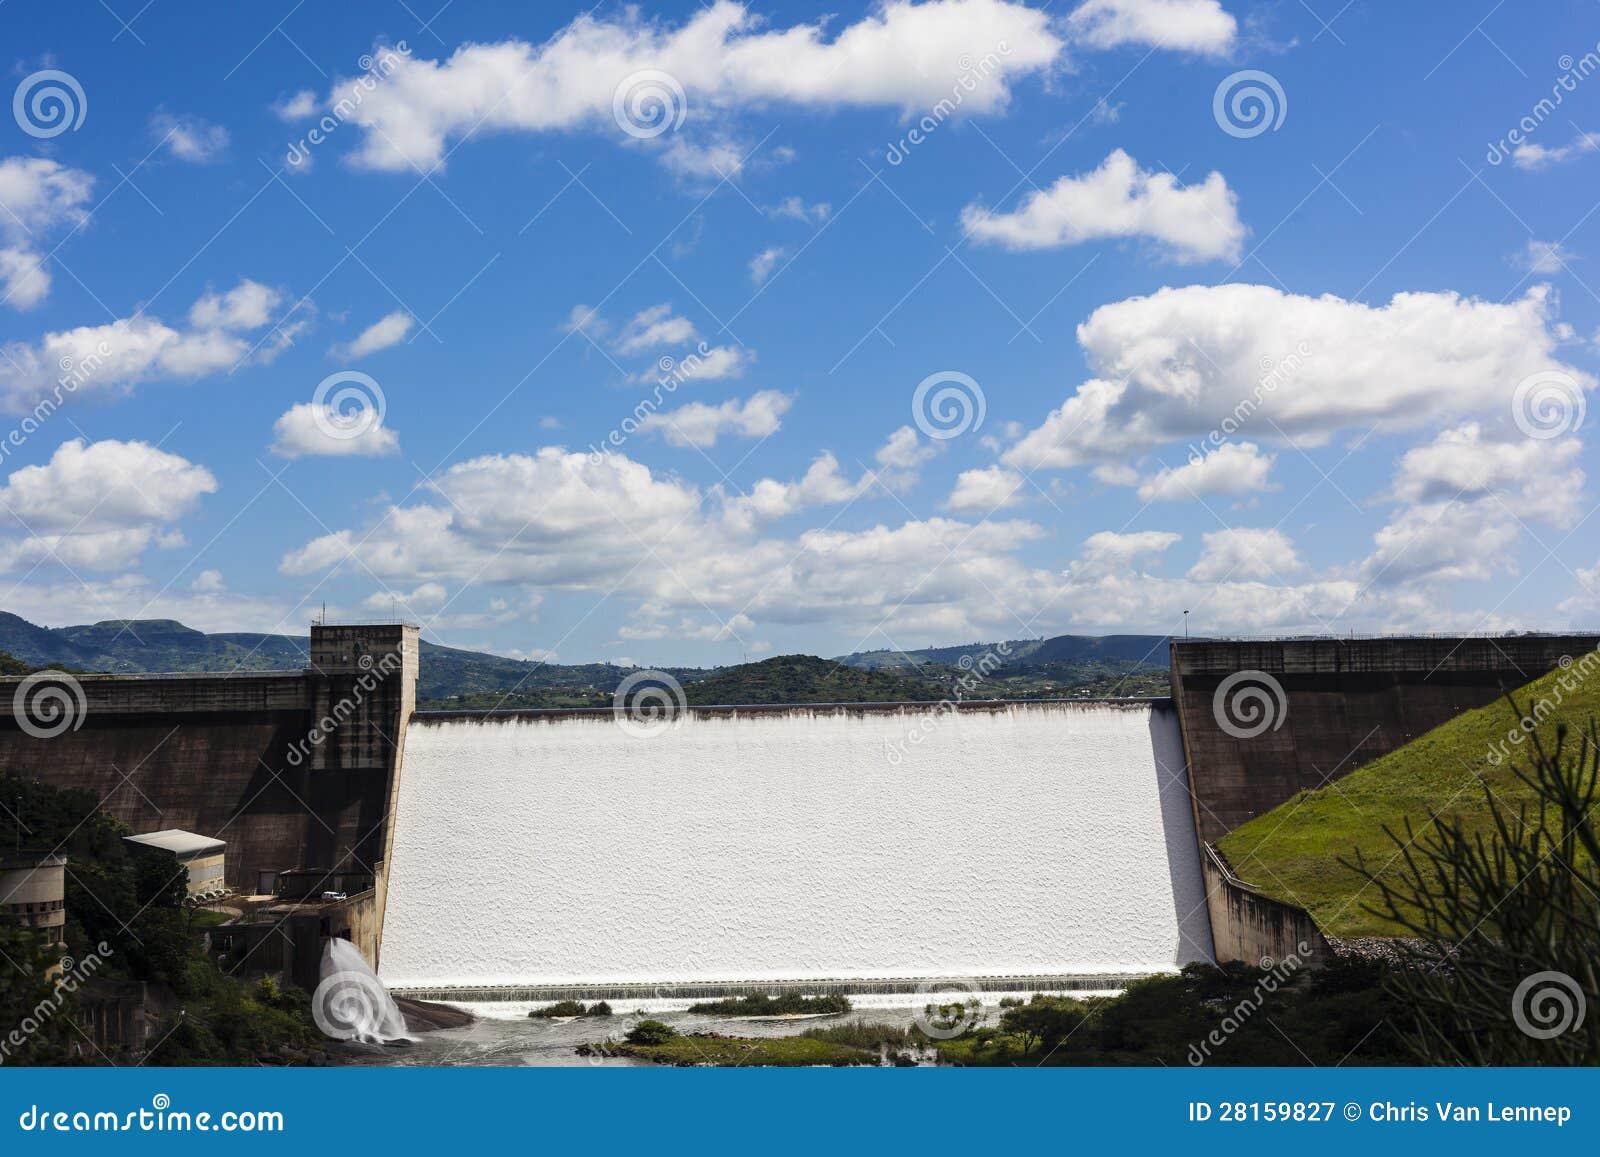 淫荡的家庭私人塹.i_水坝装载了对漫过深堑侧壁的能力和水能源和次幂到查看直接水坝墙壁